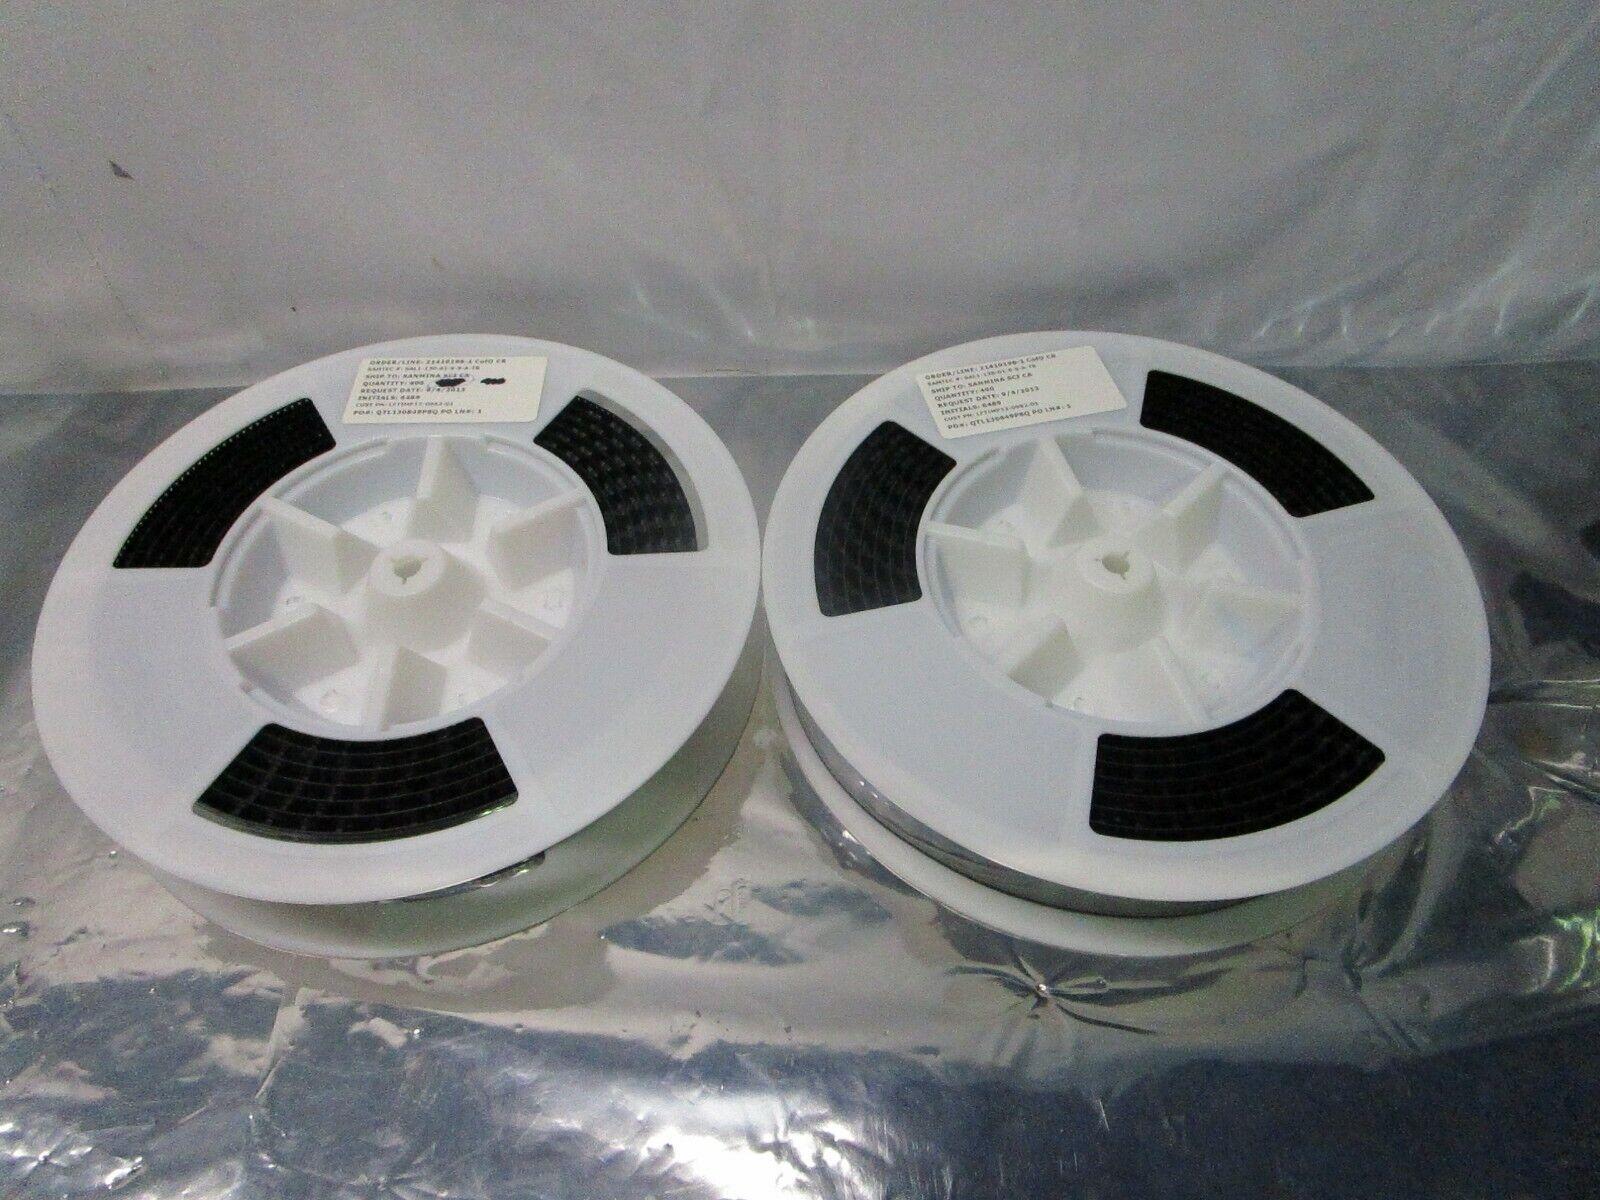 1 Lot of 750 SAMTEC SAL1-130-01-S-S-A-TR Connectors, 102328